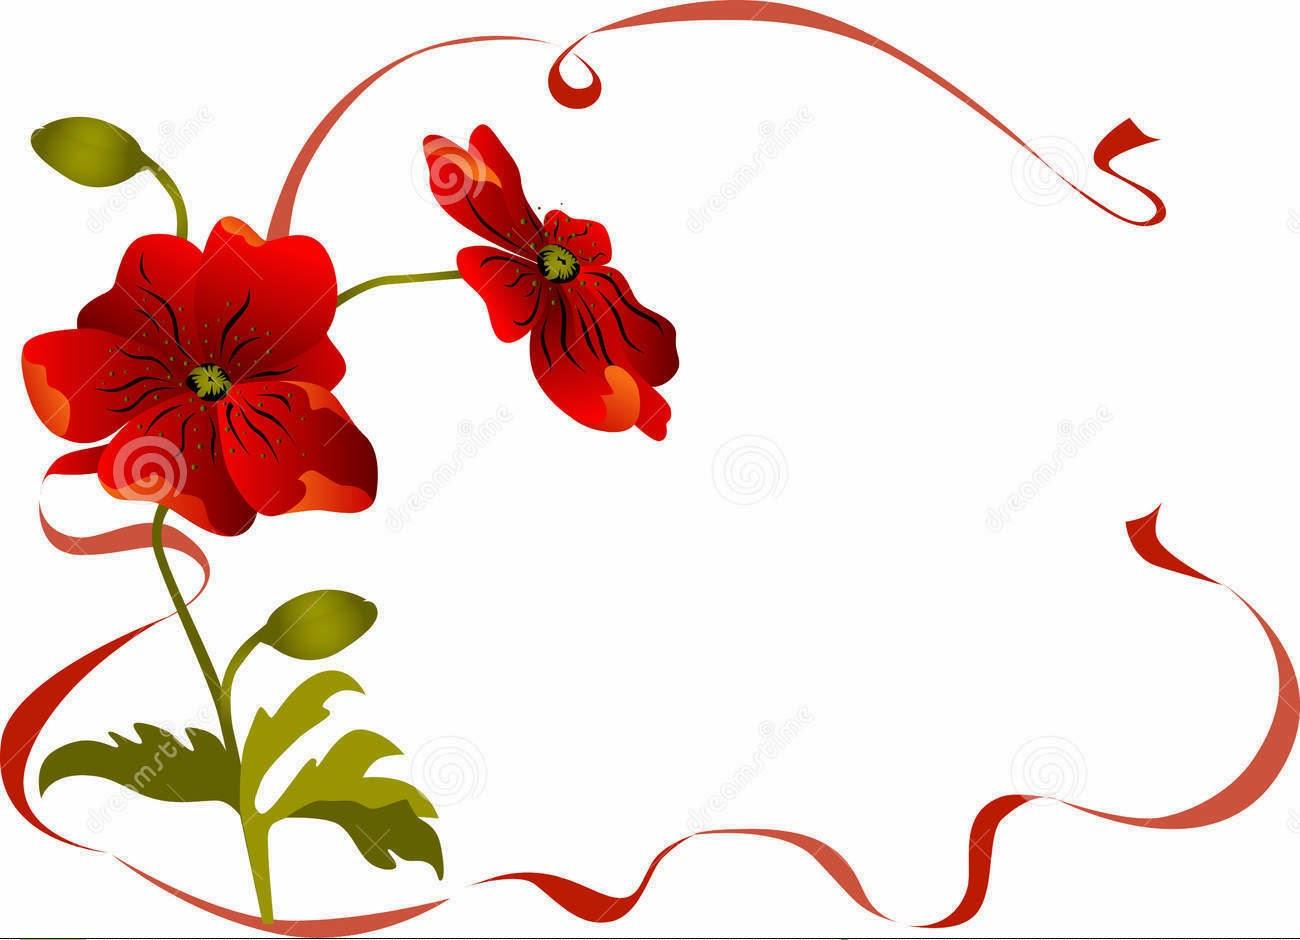 Papier Peint Floral Vintage - Charlette et Juliotte Papiers peints